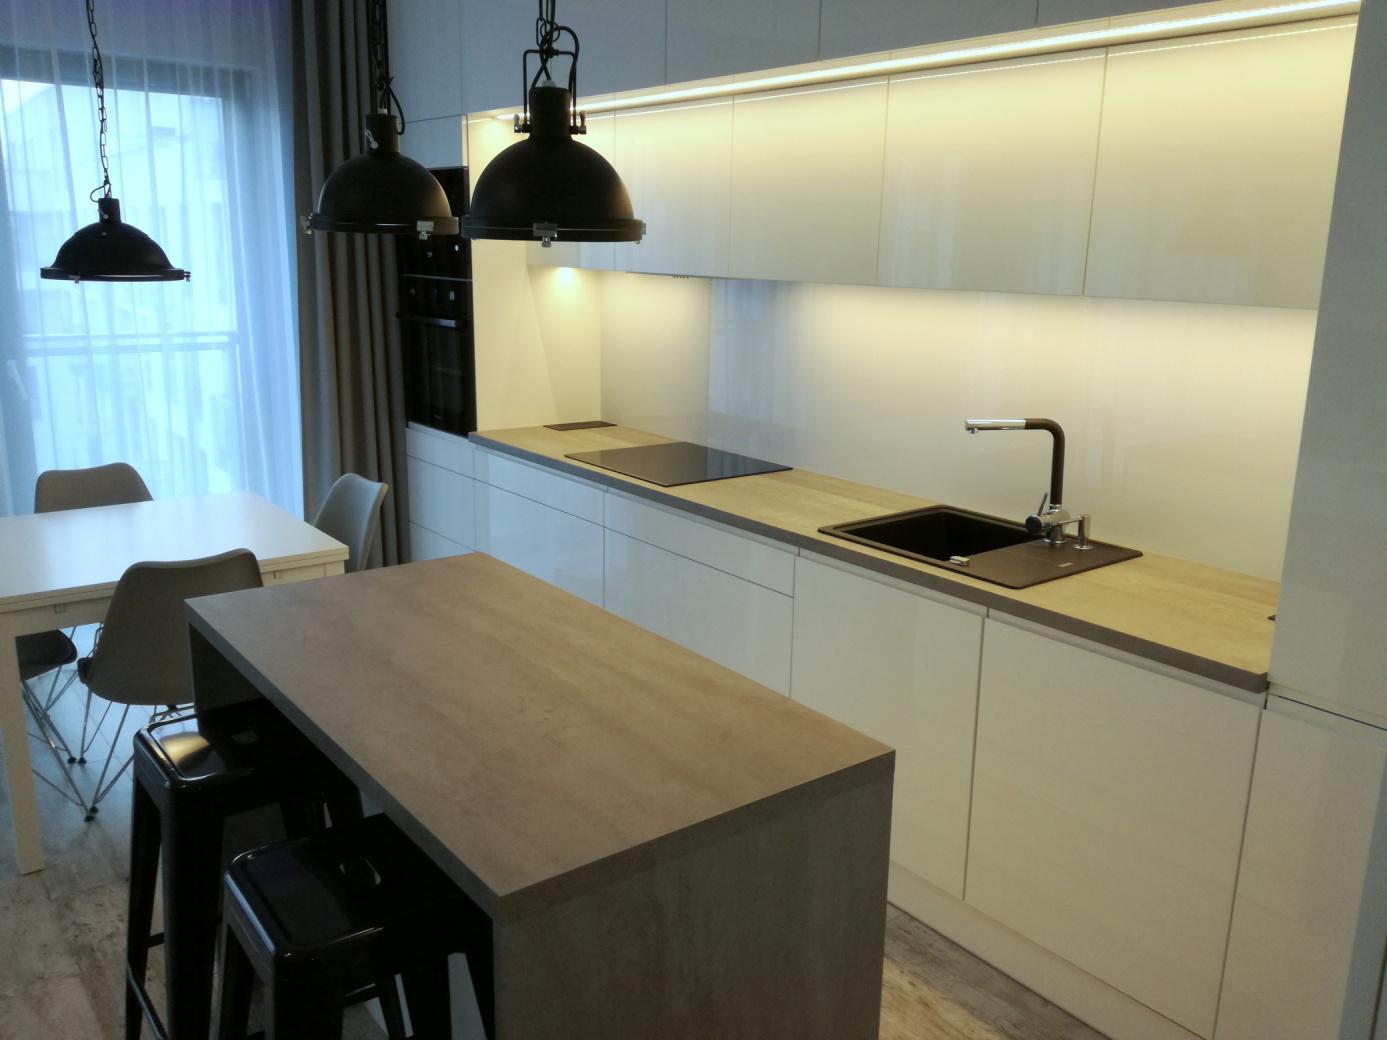 Meble na wymiar Częstochowa. Wykonujemy meble do kuchni, łazienki, pokojów.